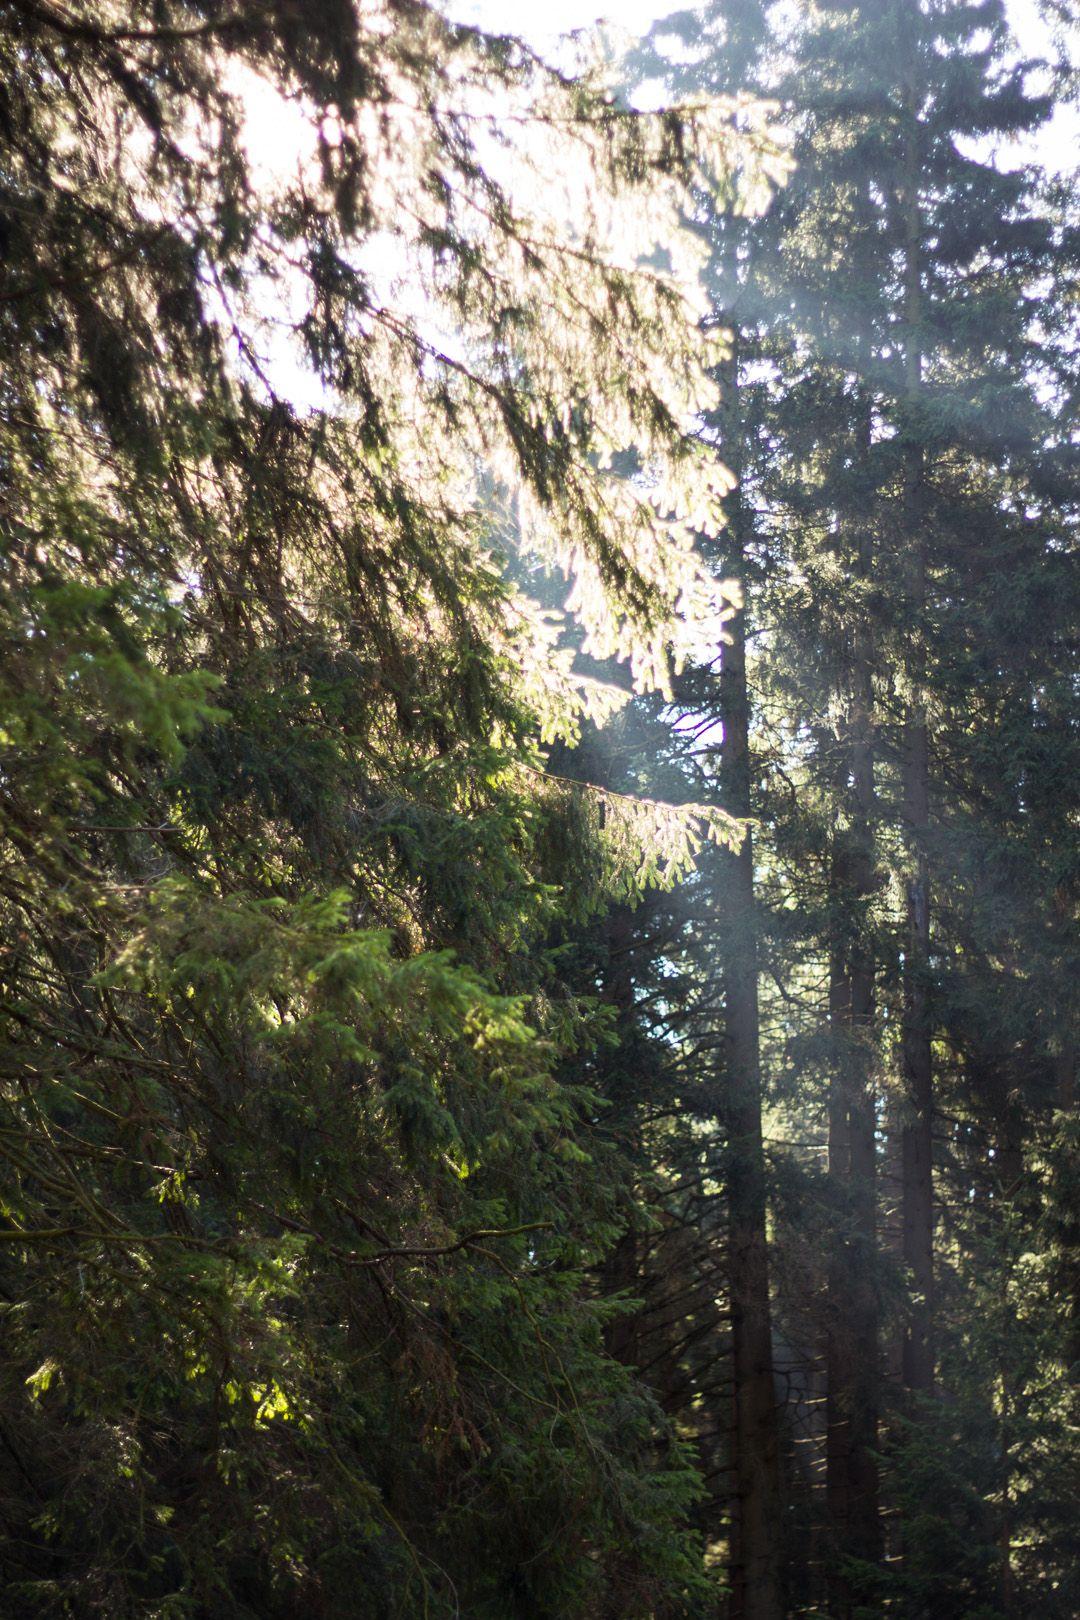 Zentral in Deutschland gelegen, ist der Brocken ein beliebtes Ausflugsziel, um am Wochenende ein bisschen in die Natur zu entfliehen.  #deutschland